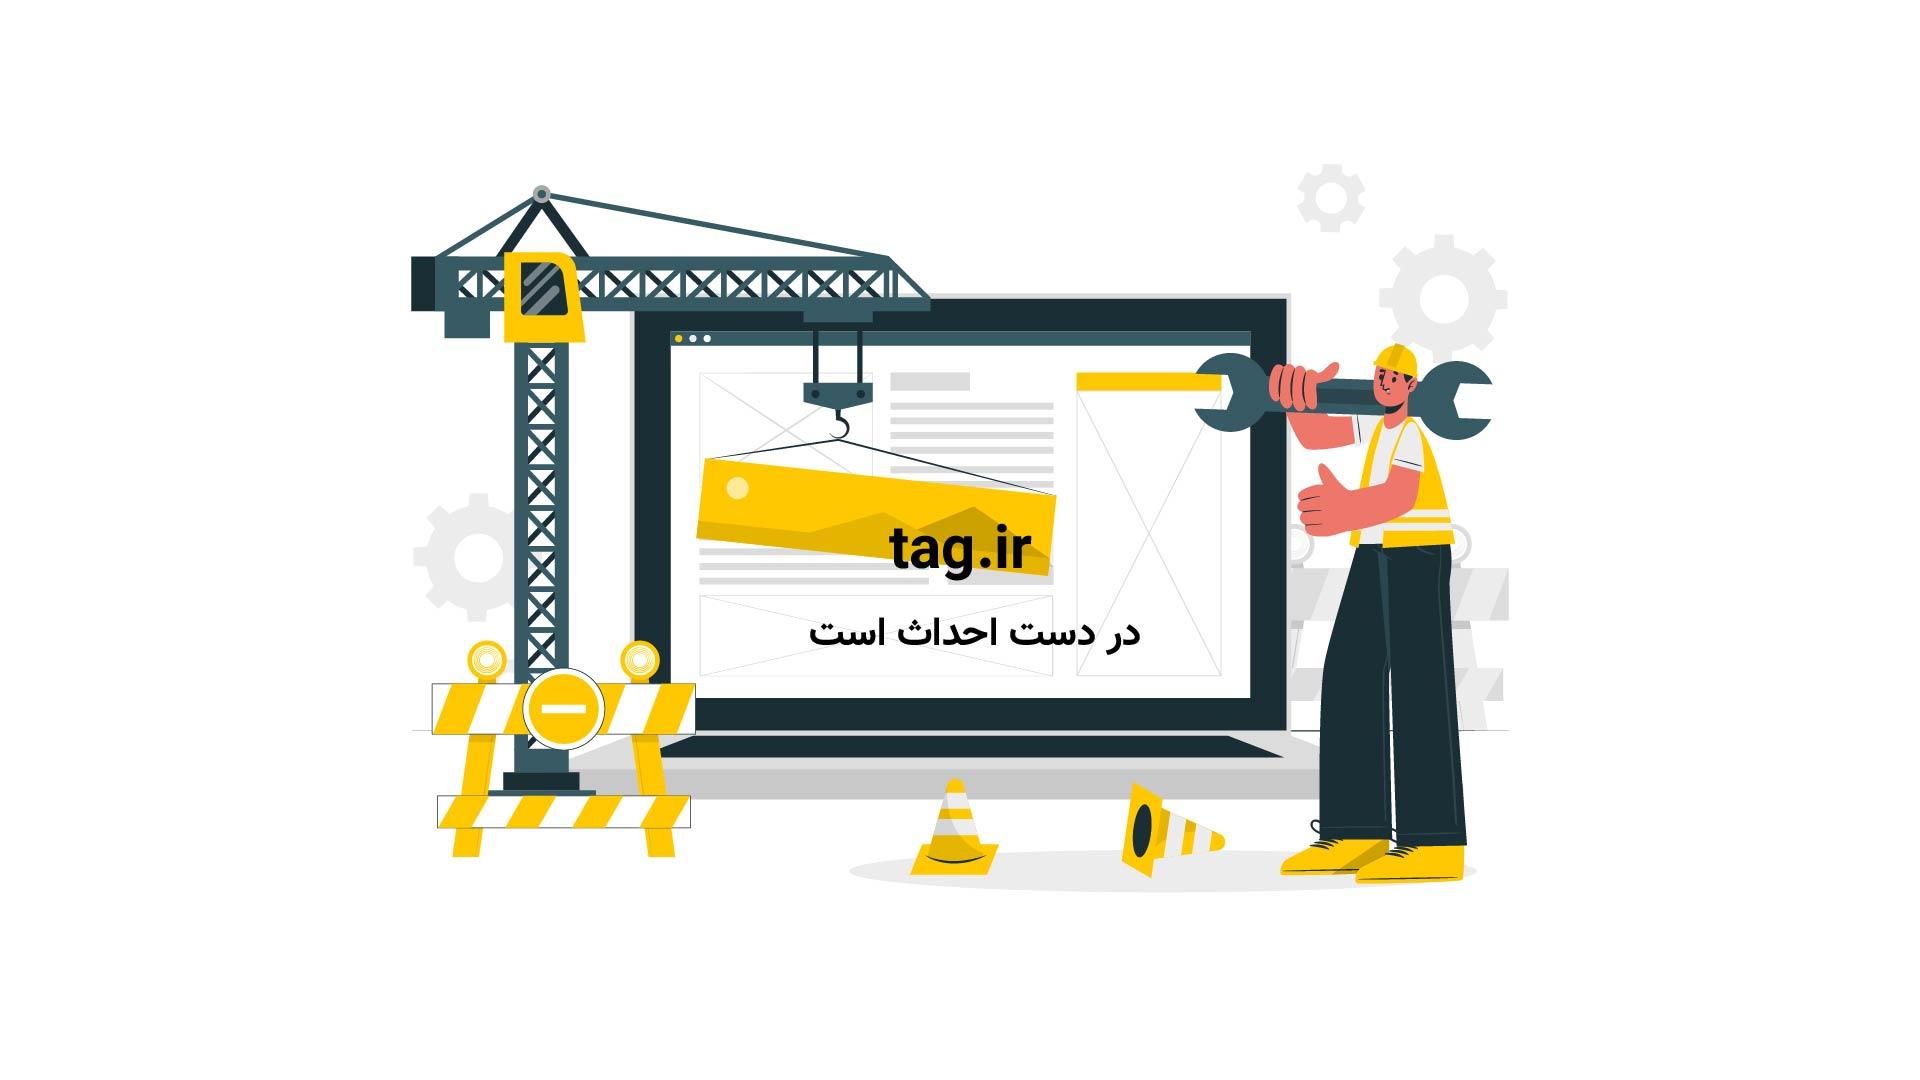 دعای روز بیست و ششم ماه رمضان | تگ